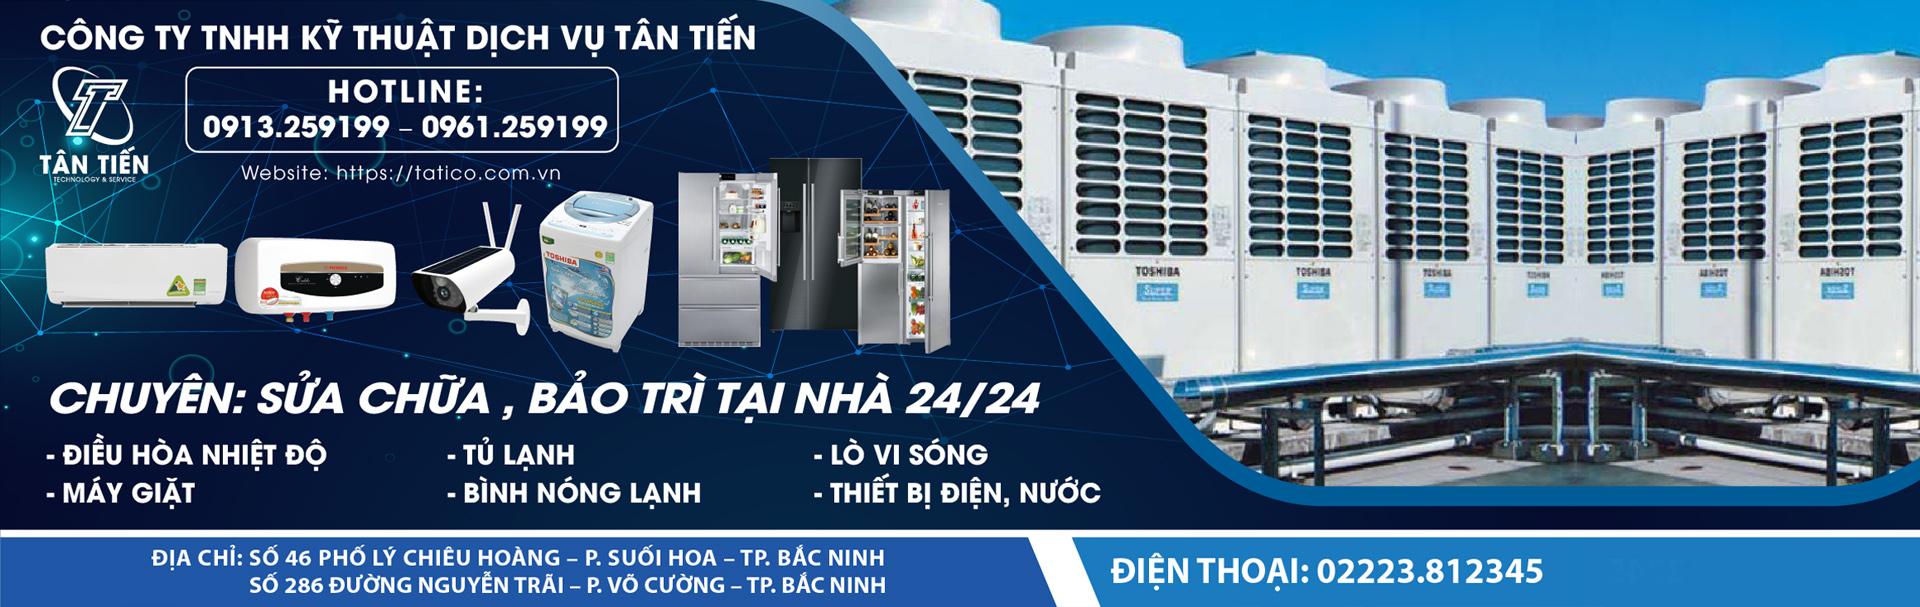 Giới thiệu nhà thầu máy lạnh Bắc Ninh